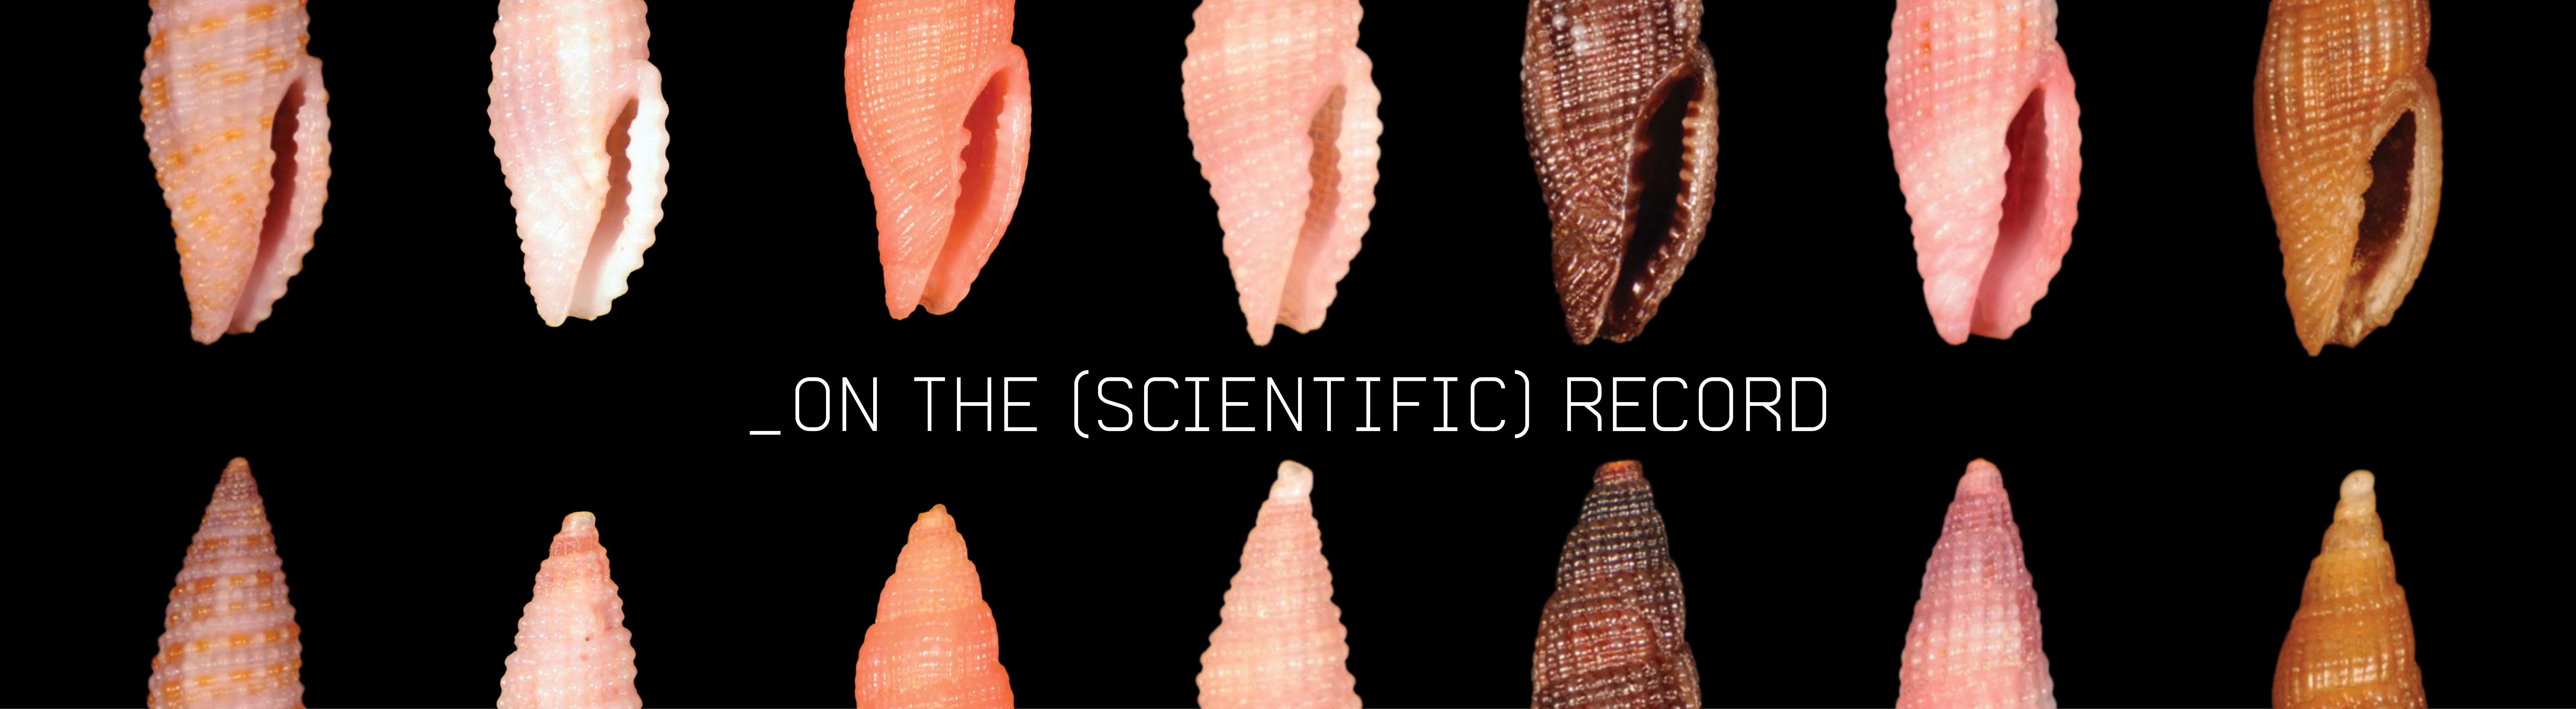 On the (Scientific) Record